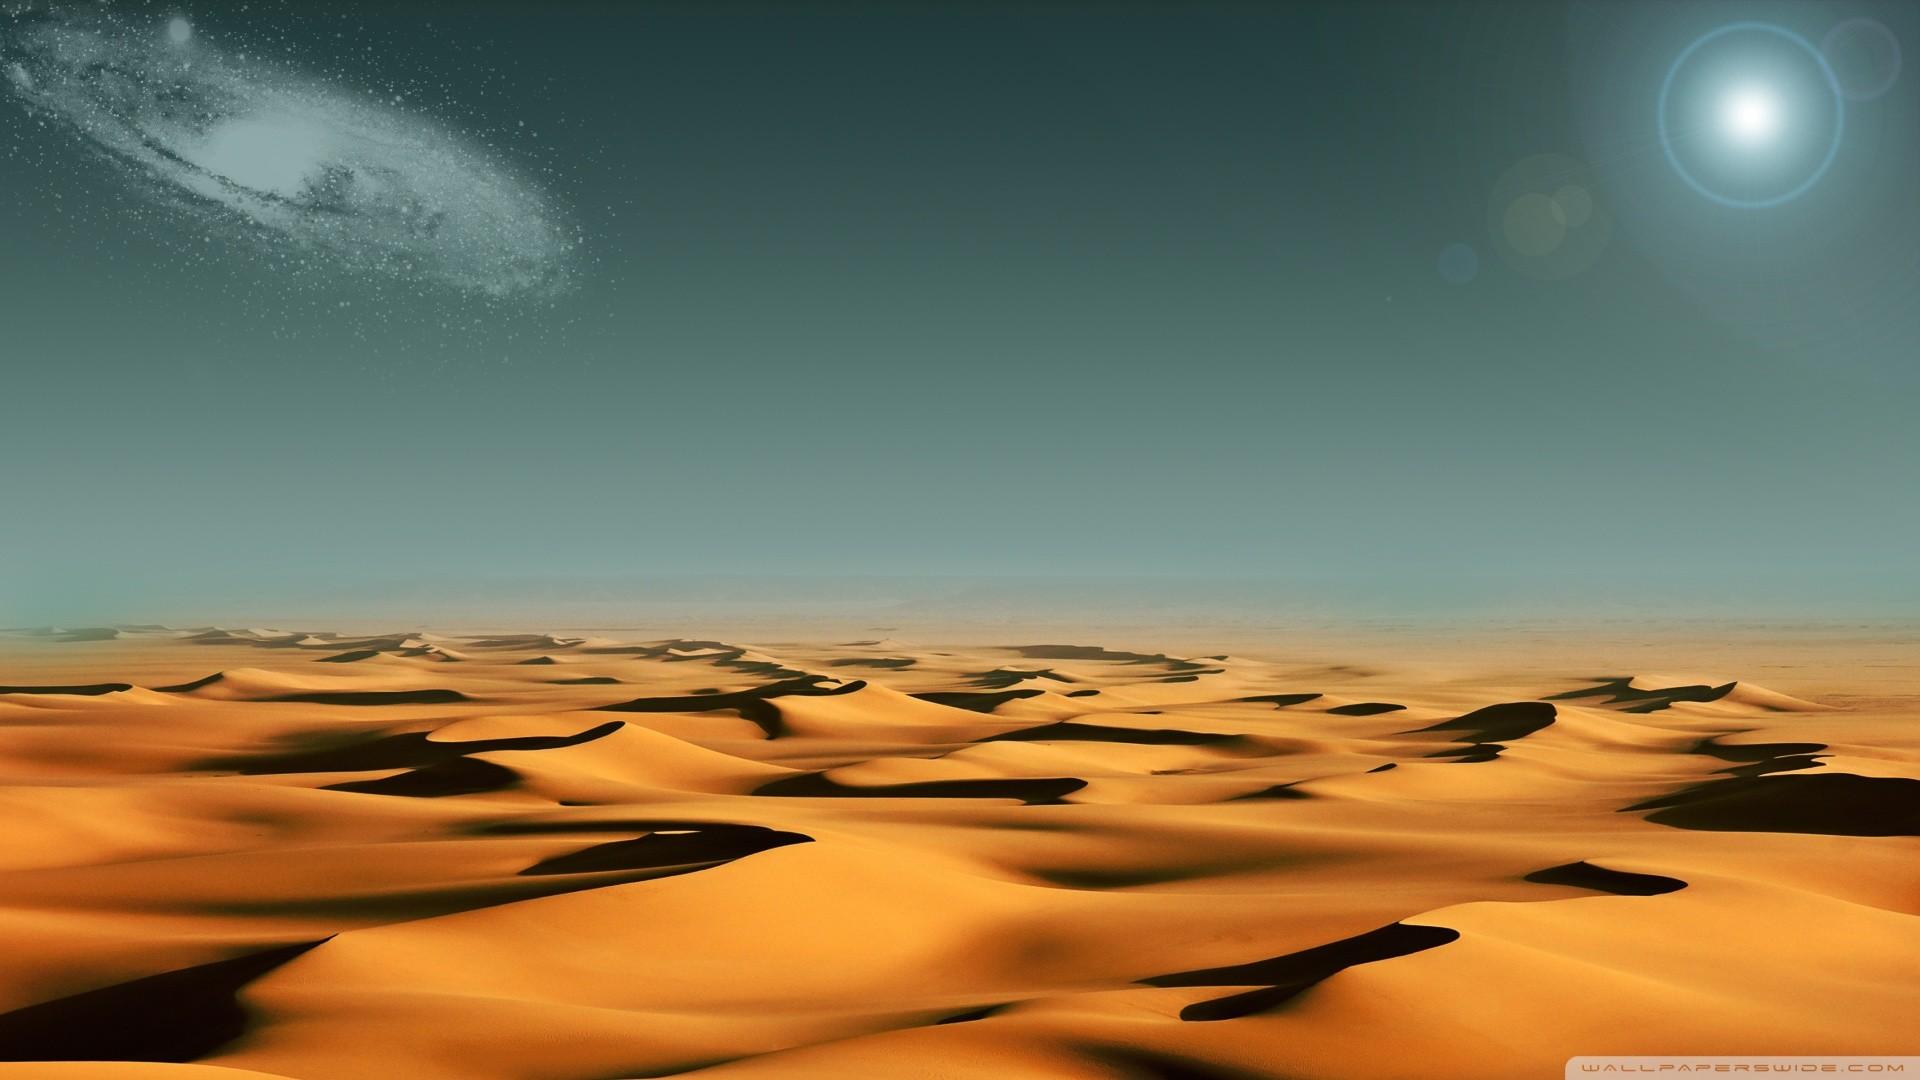 Desert Punk Wallpaper Ethereal Games | HD Wallpapers | Pinterest | Punk,  Deserts and Wallpaper